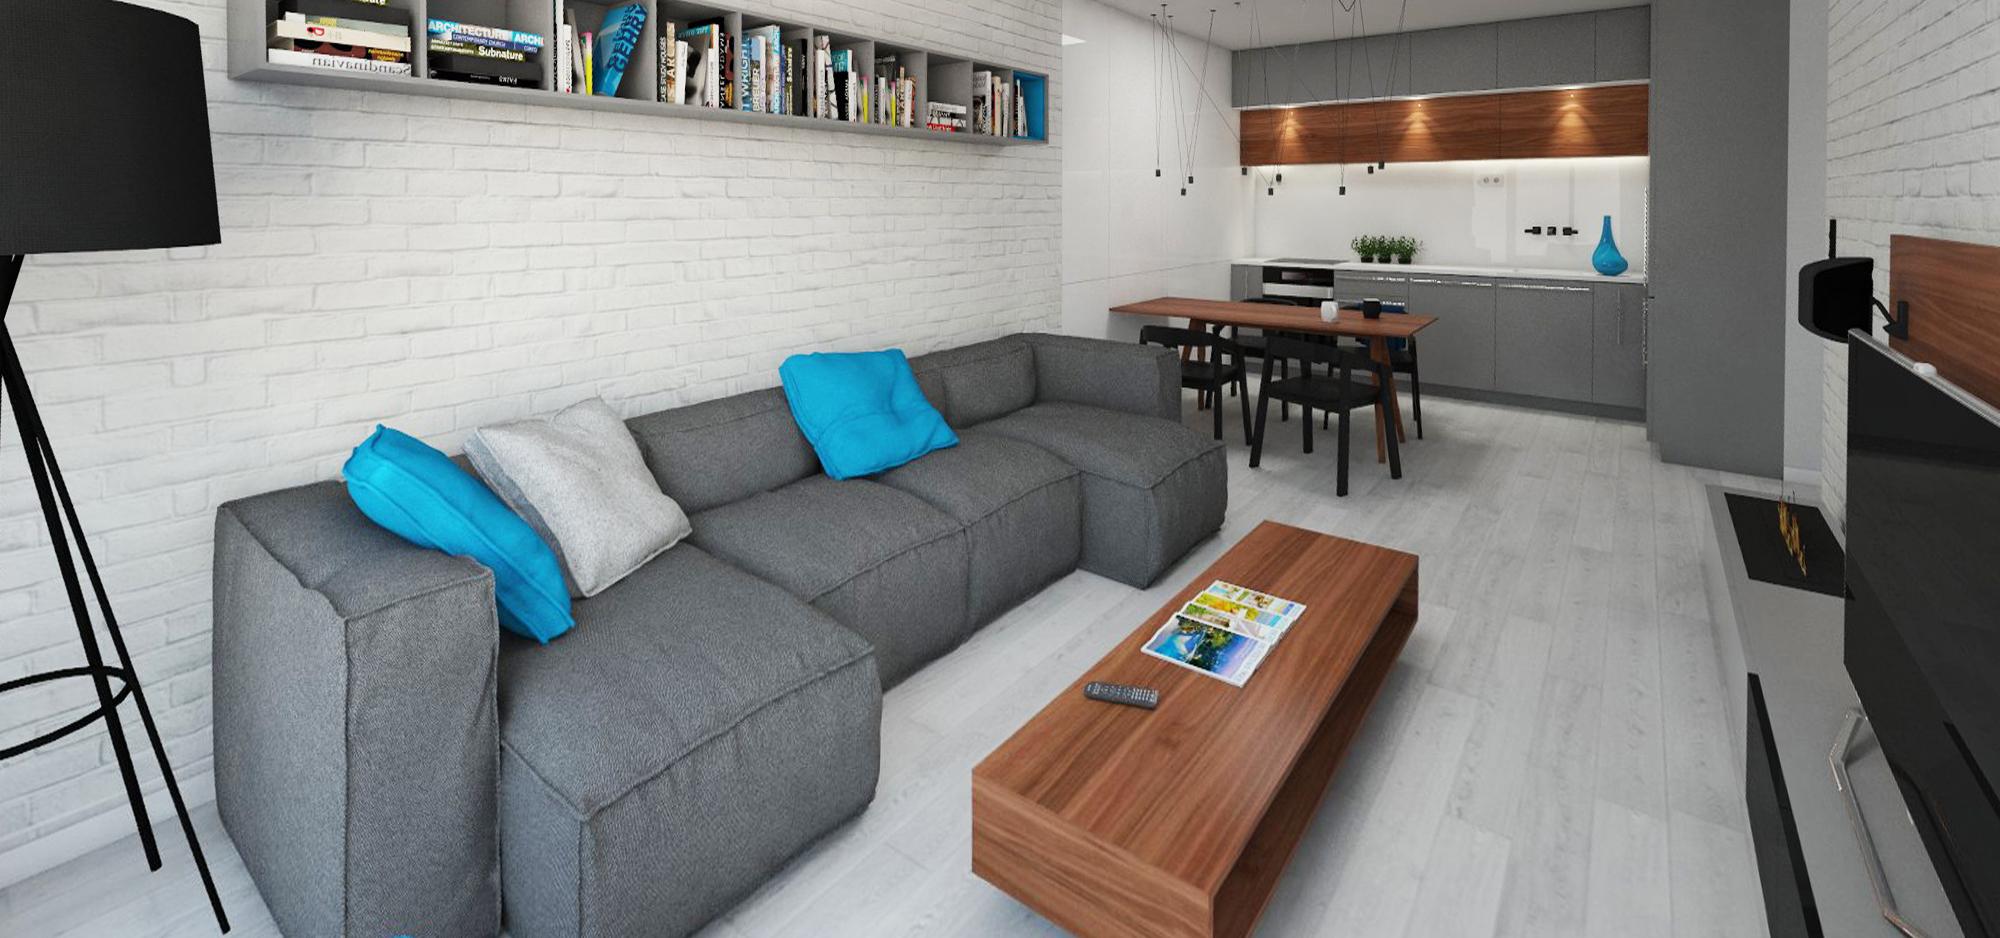 Dvojizbový byt Machnáč